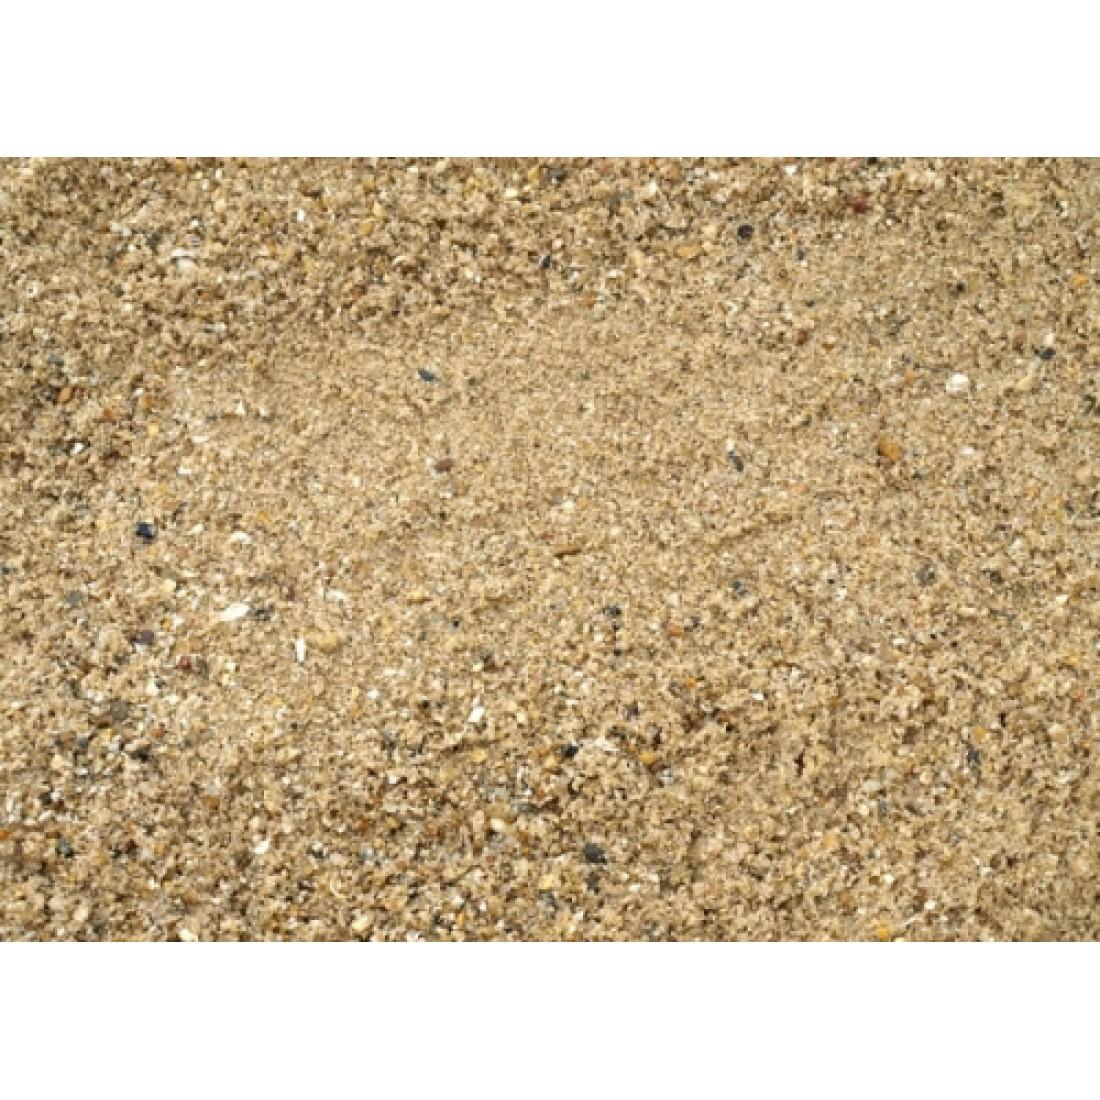 Washed Concrete Sand Bulk Bag